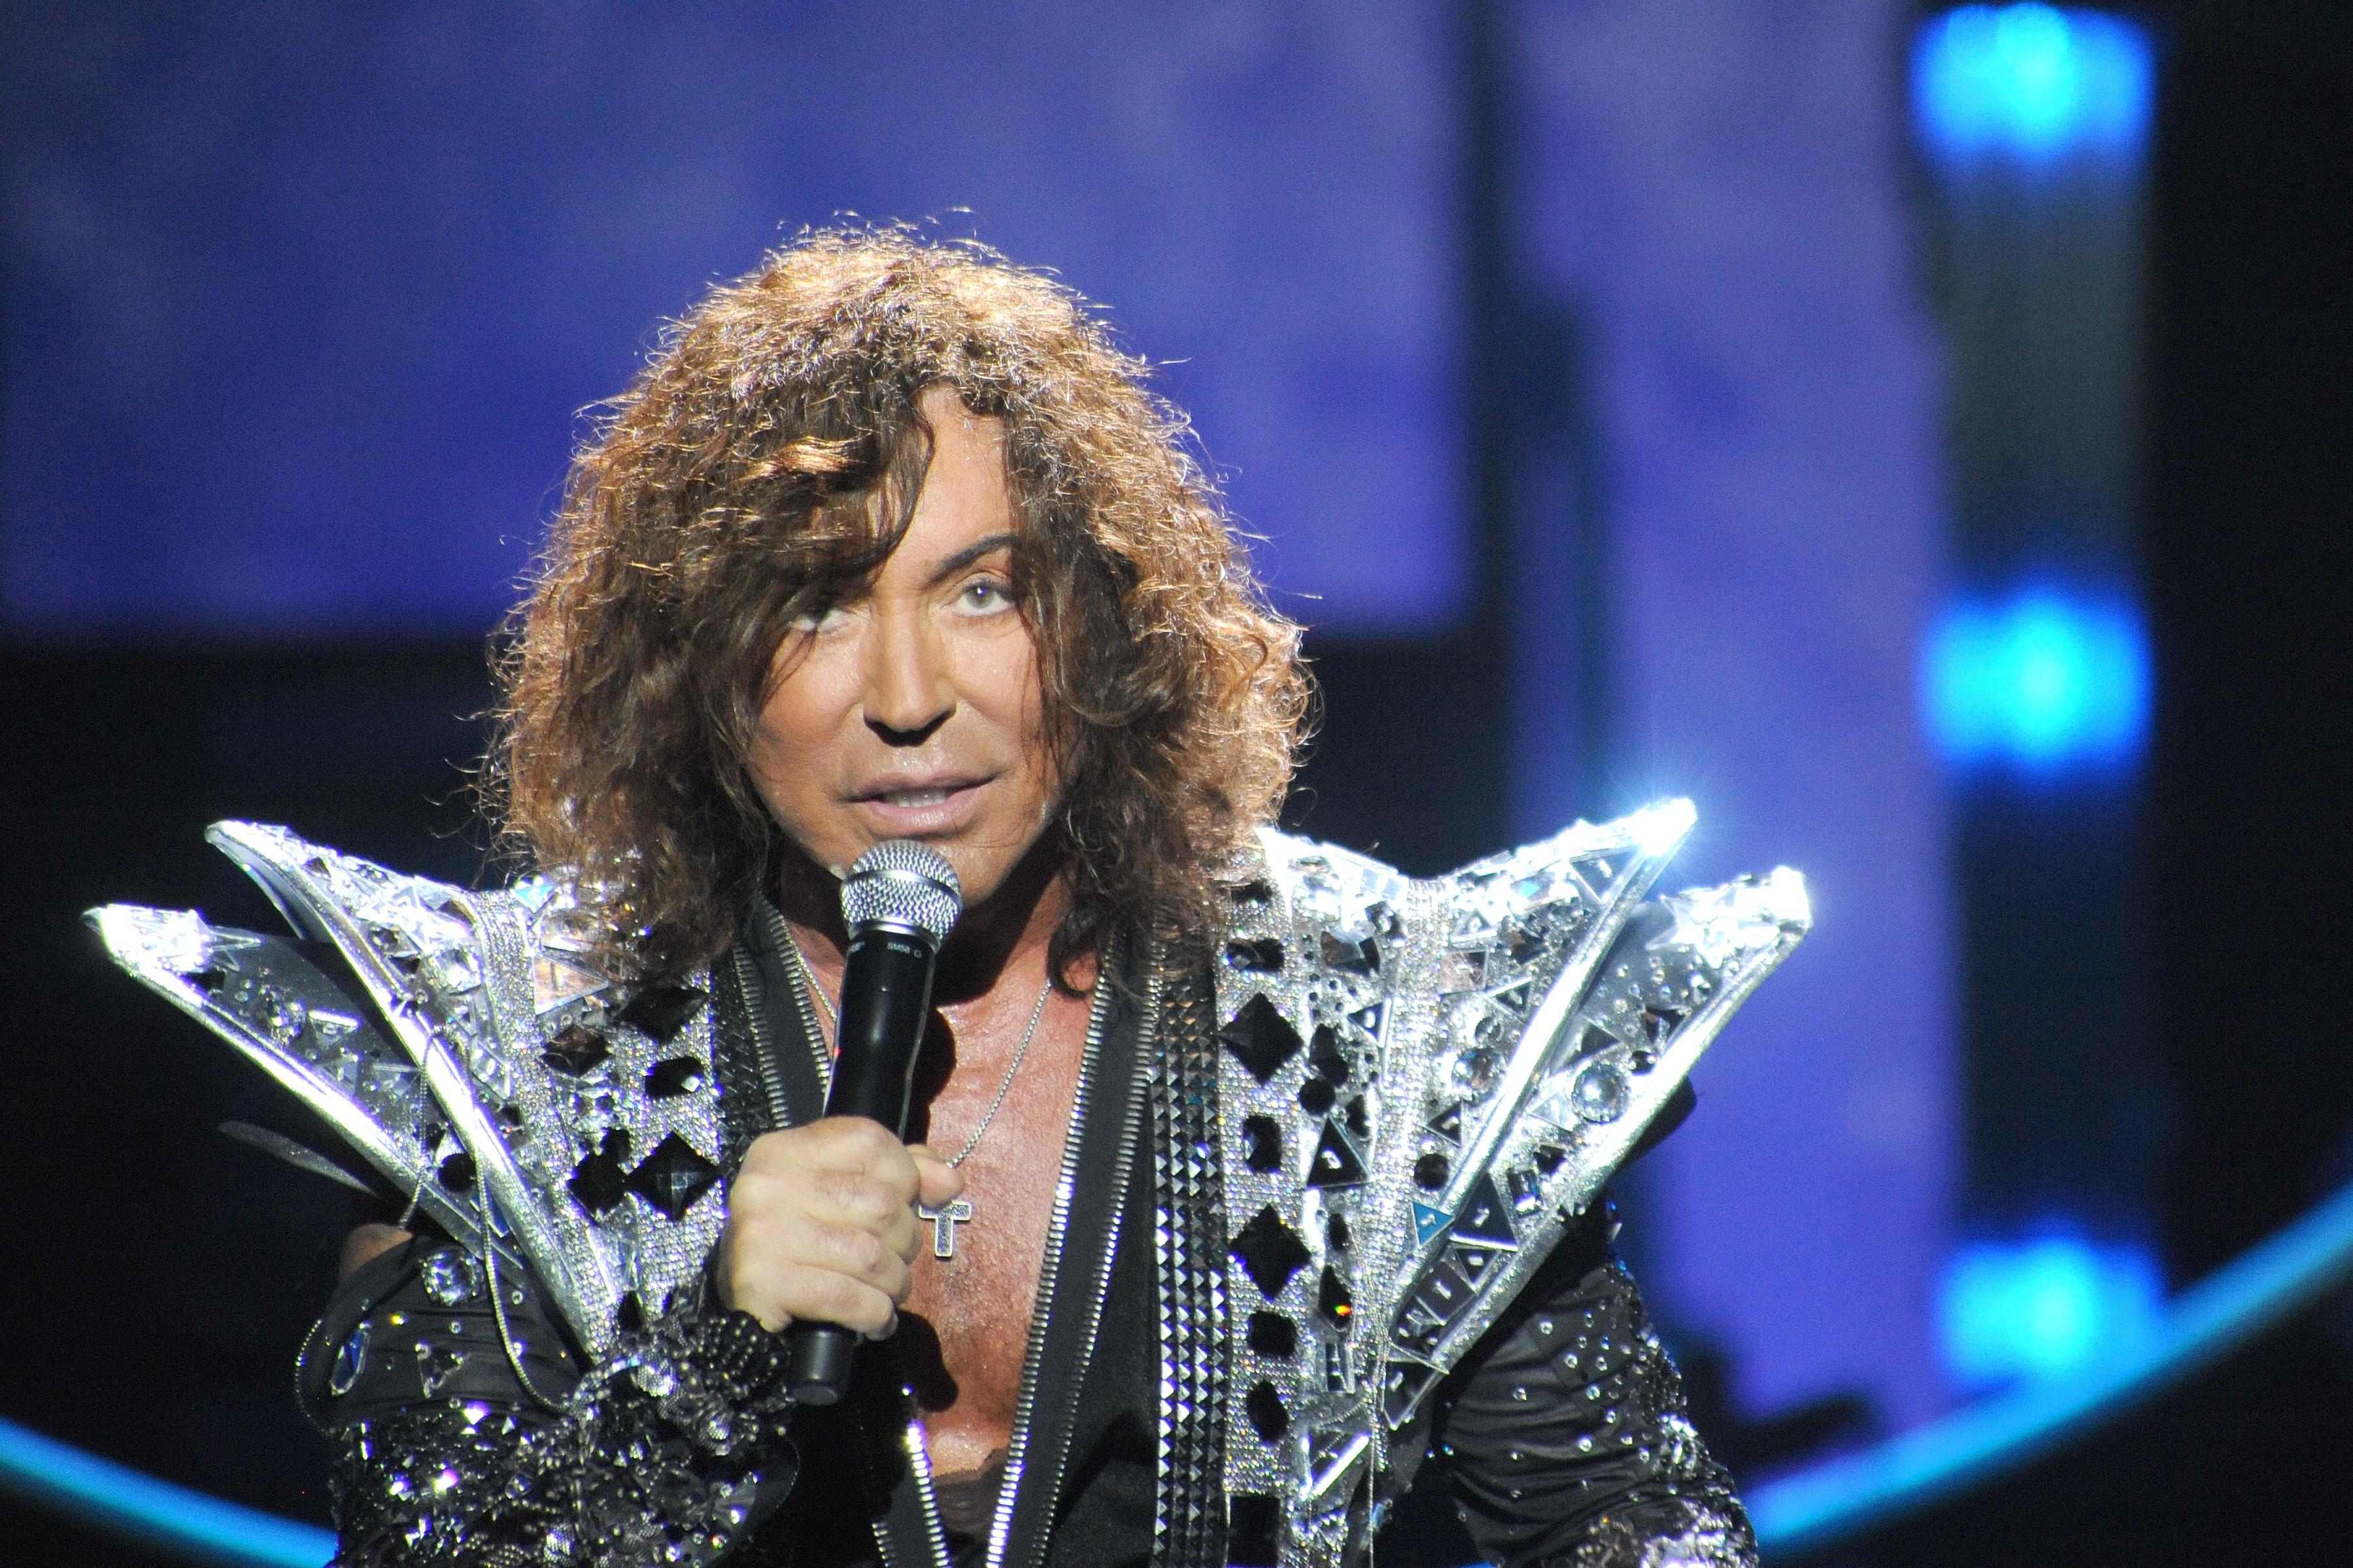 Леонтьев отменяет свои концерты из-за болезни